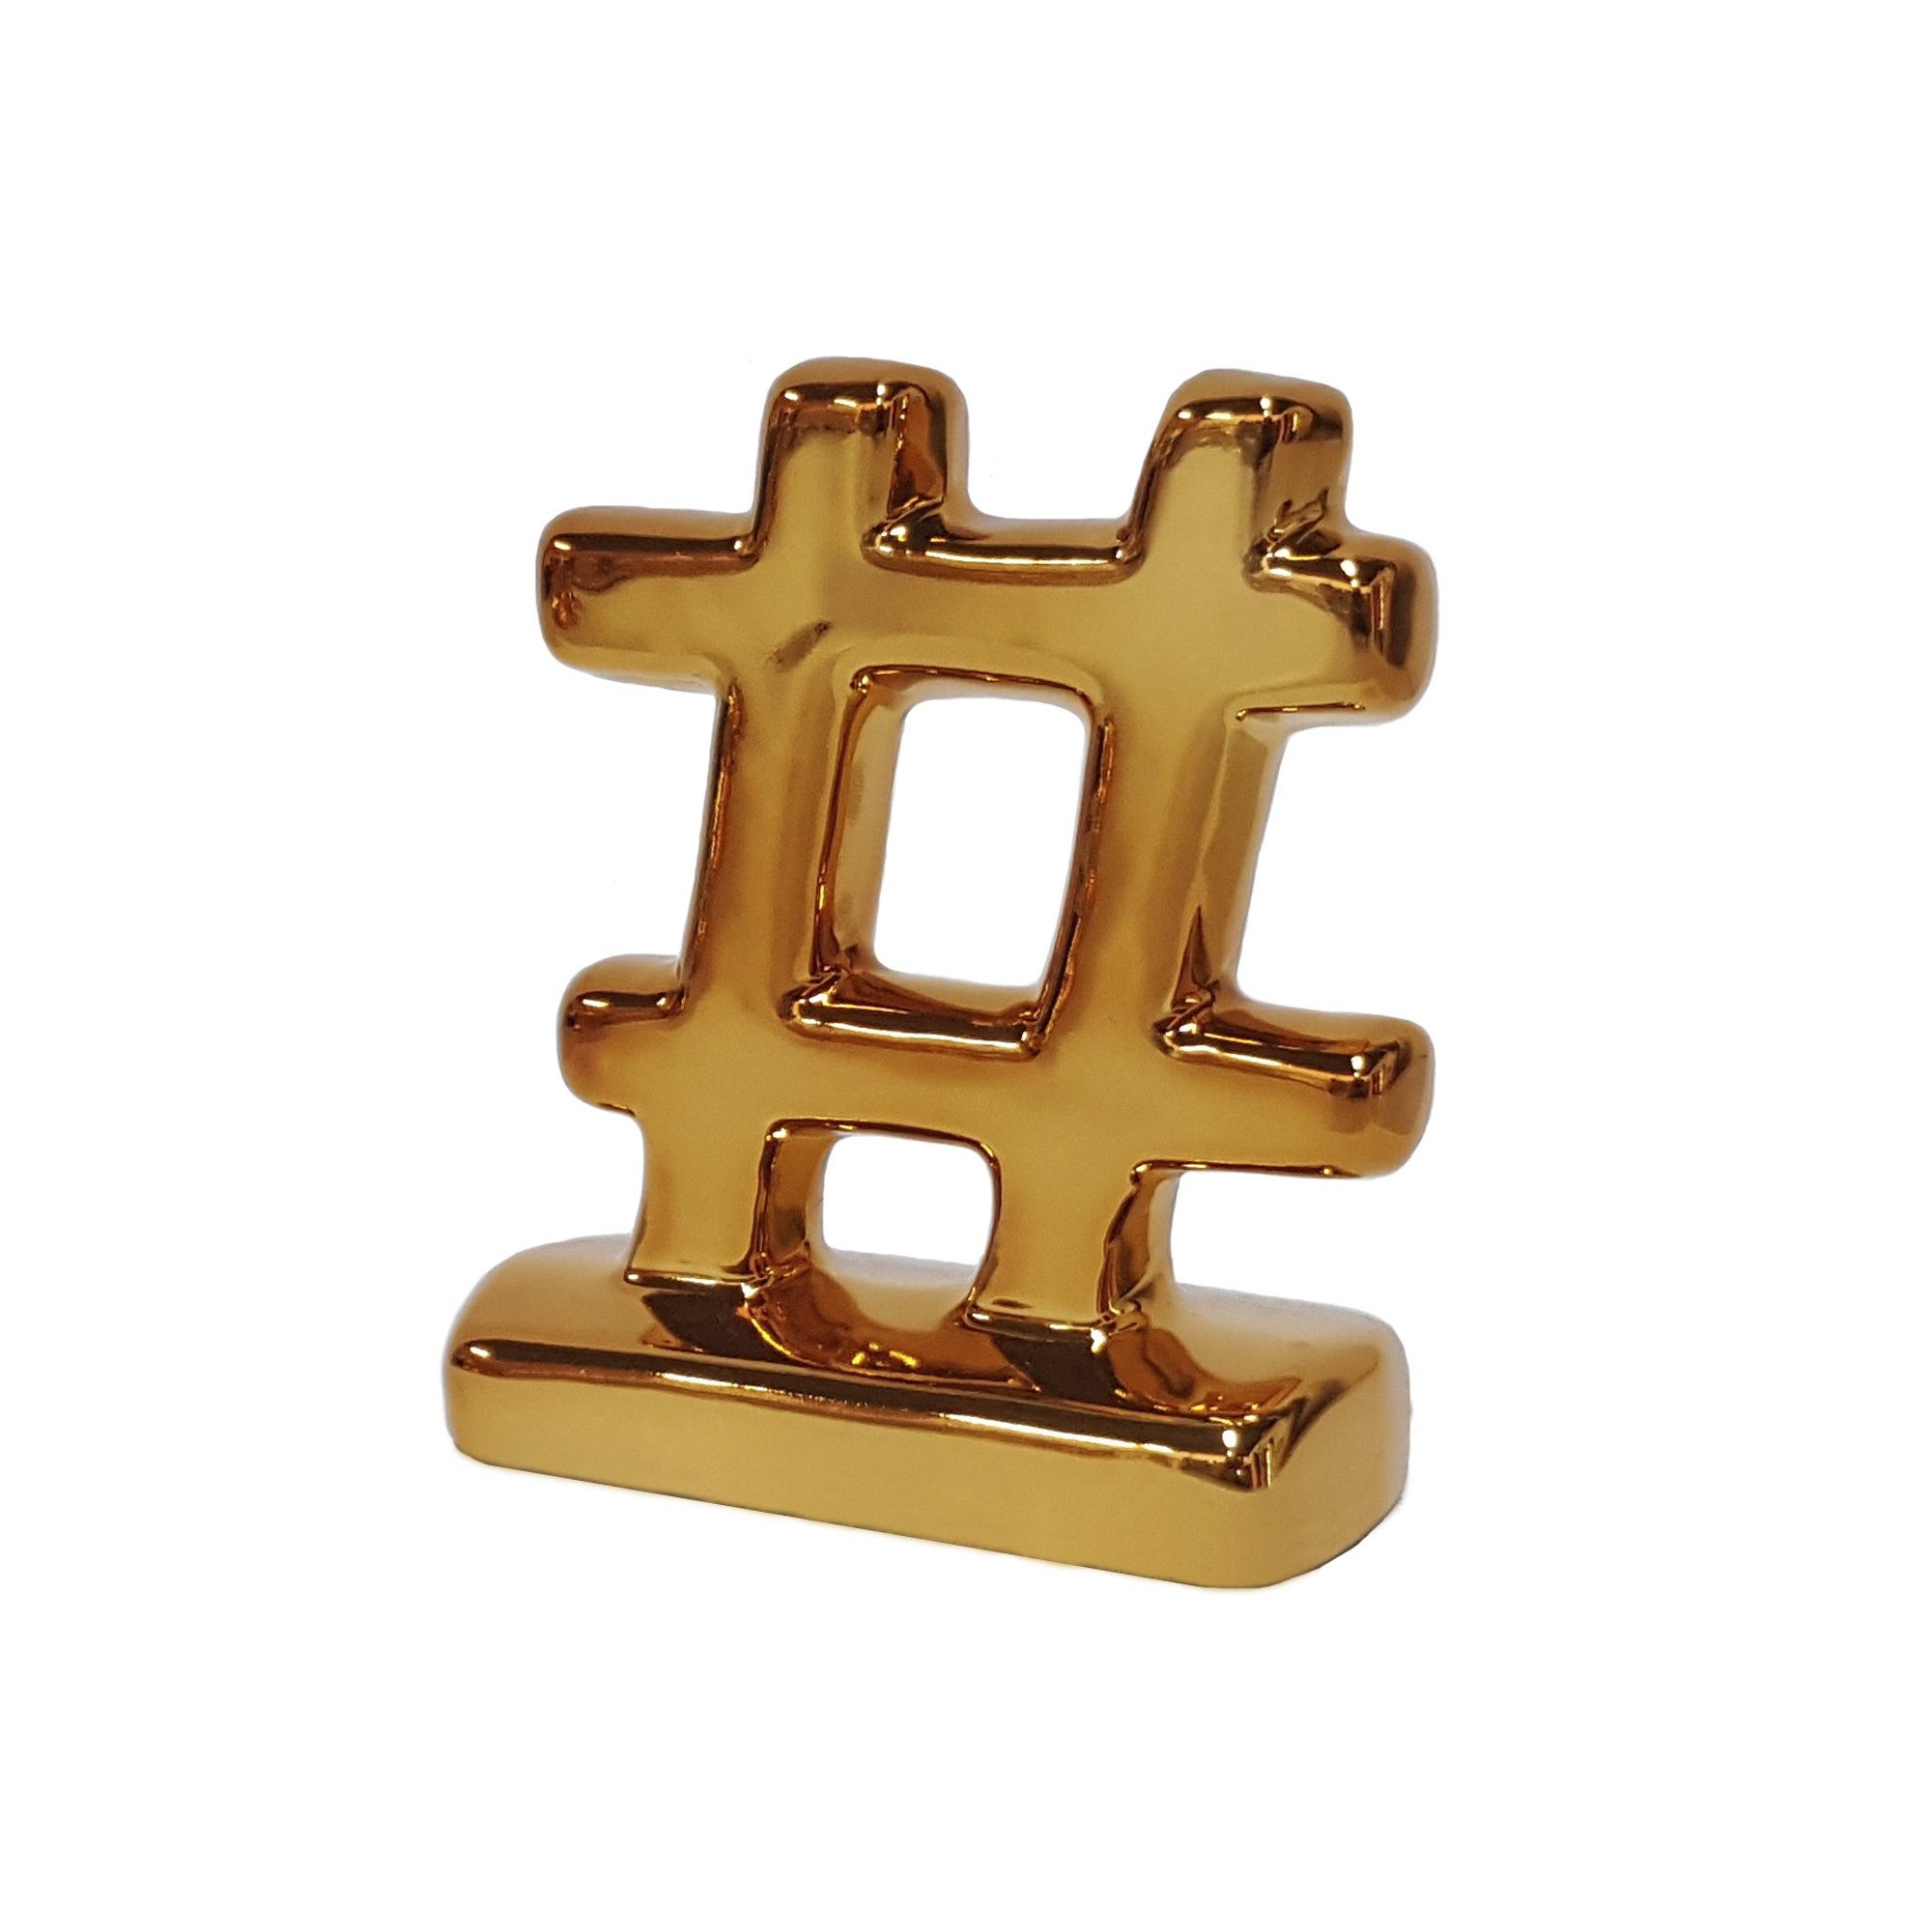 Enfeite Decorativo Mini Hashtag de Ceramica Bronze - Buzzio s